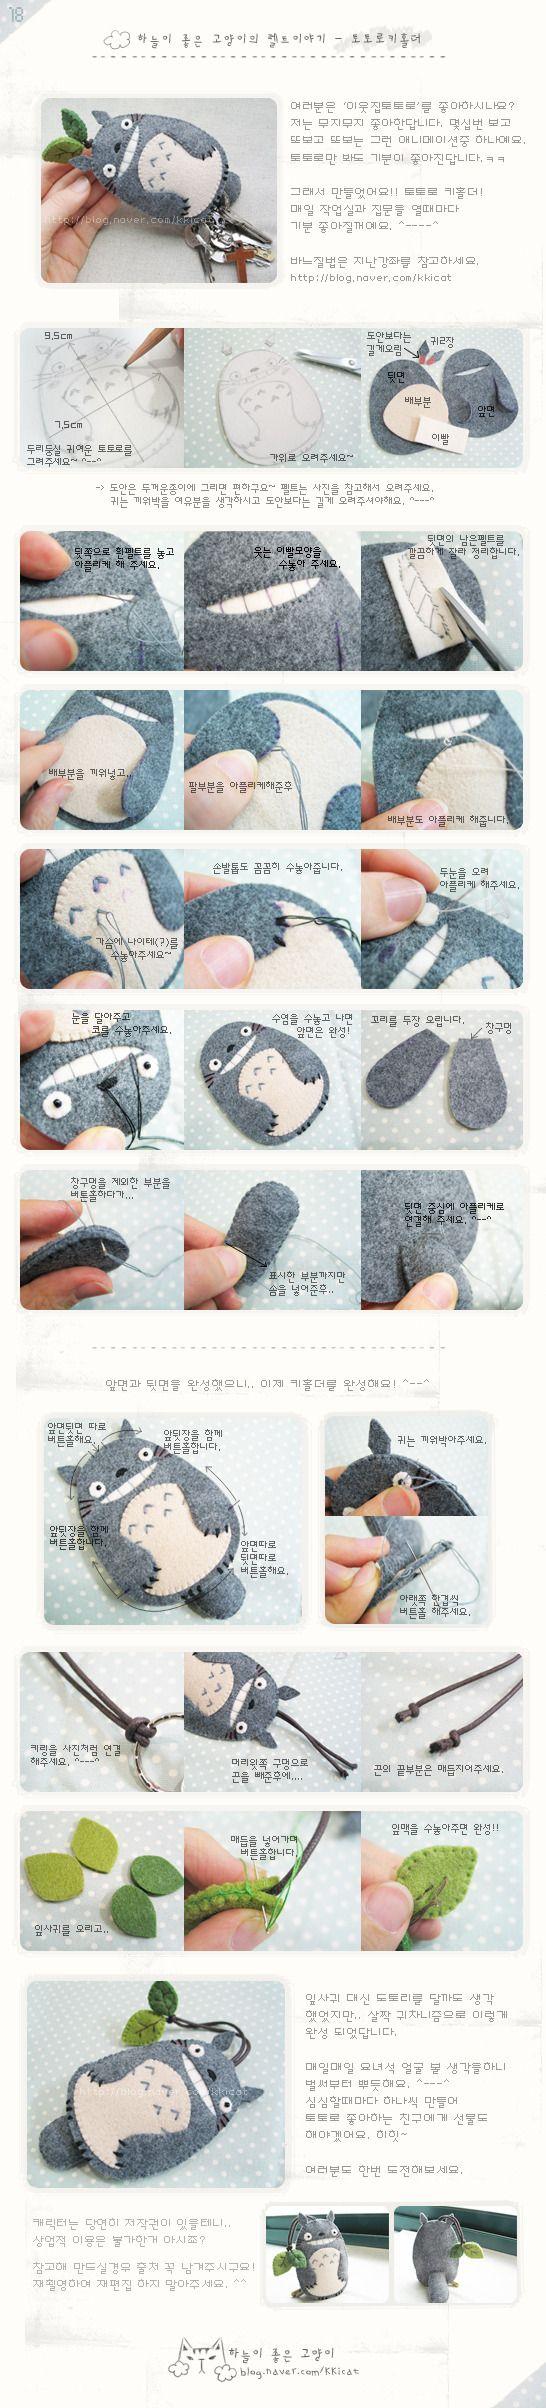 018 - 볼때마다 행복해 >0< 내사랑 토토로 키홀더 만들기! : 네이버 블로그